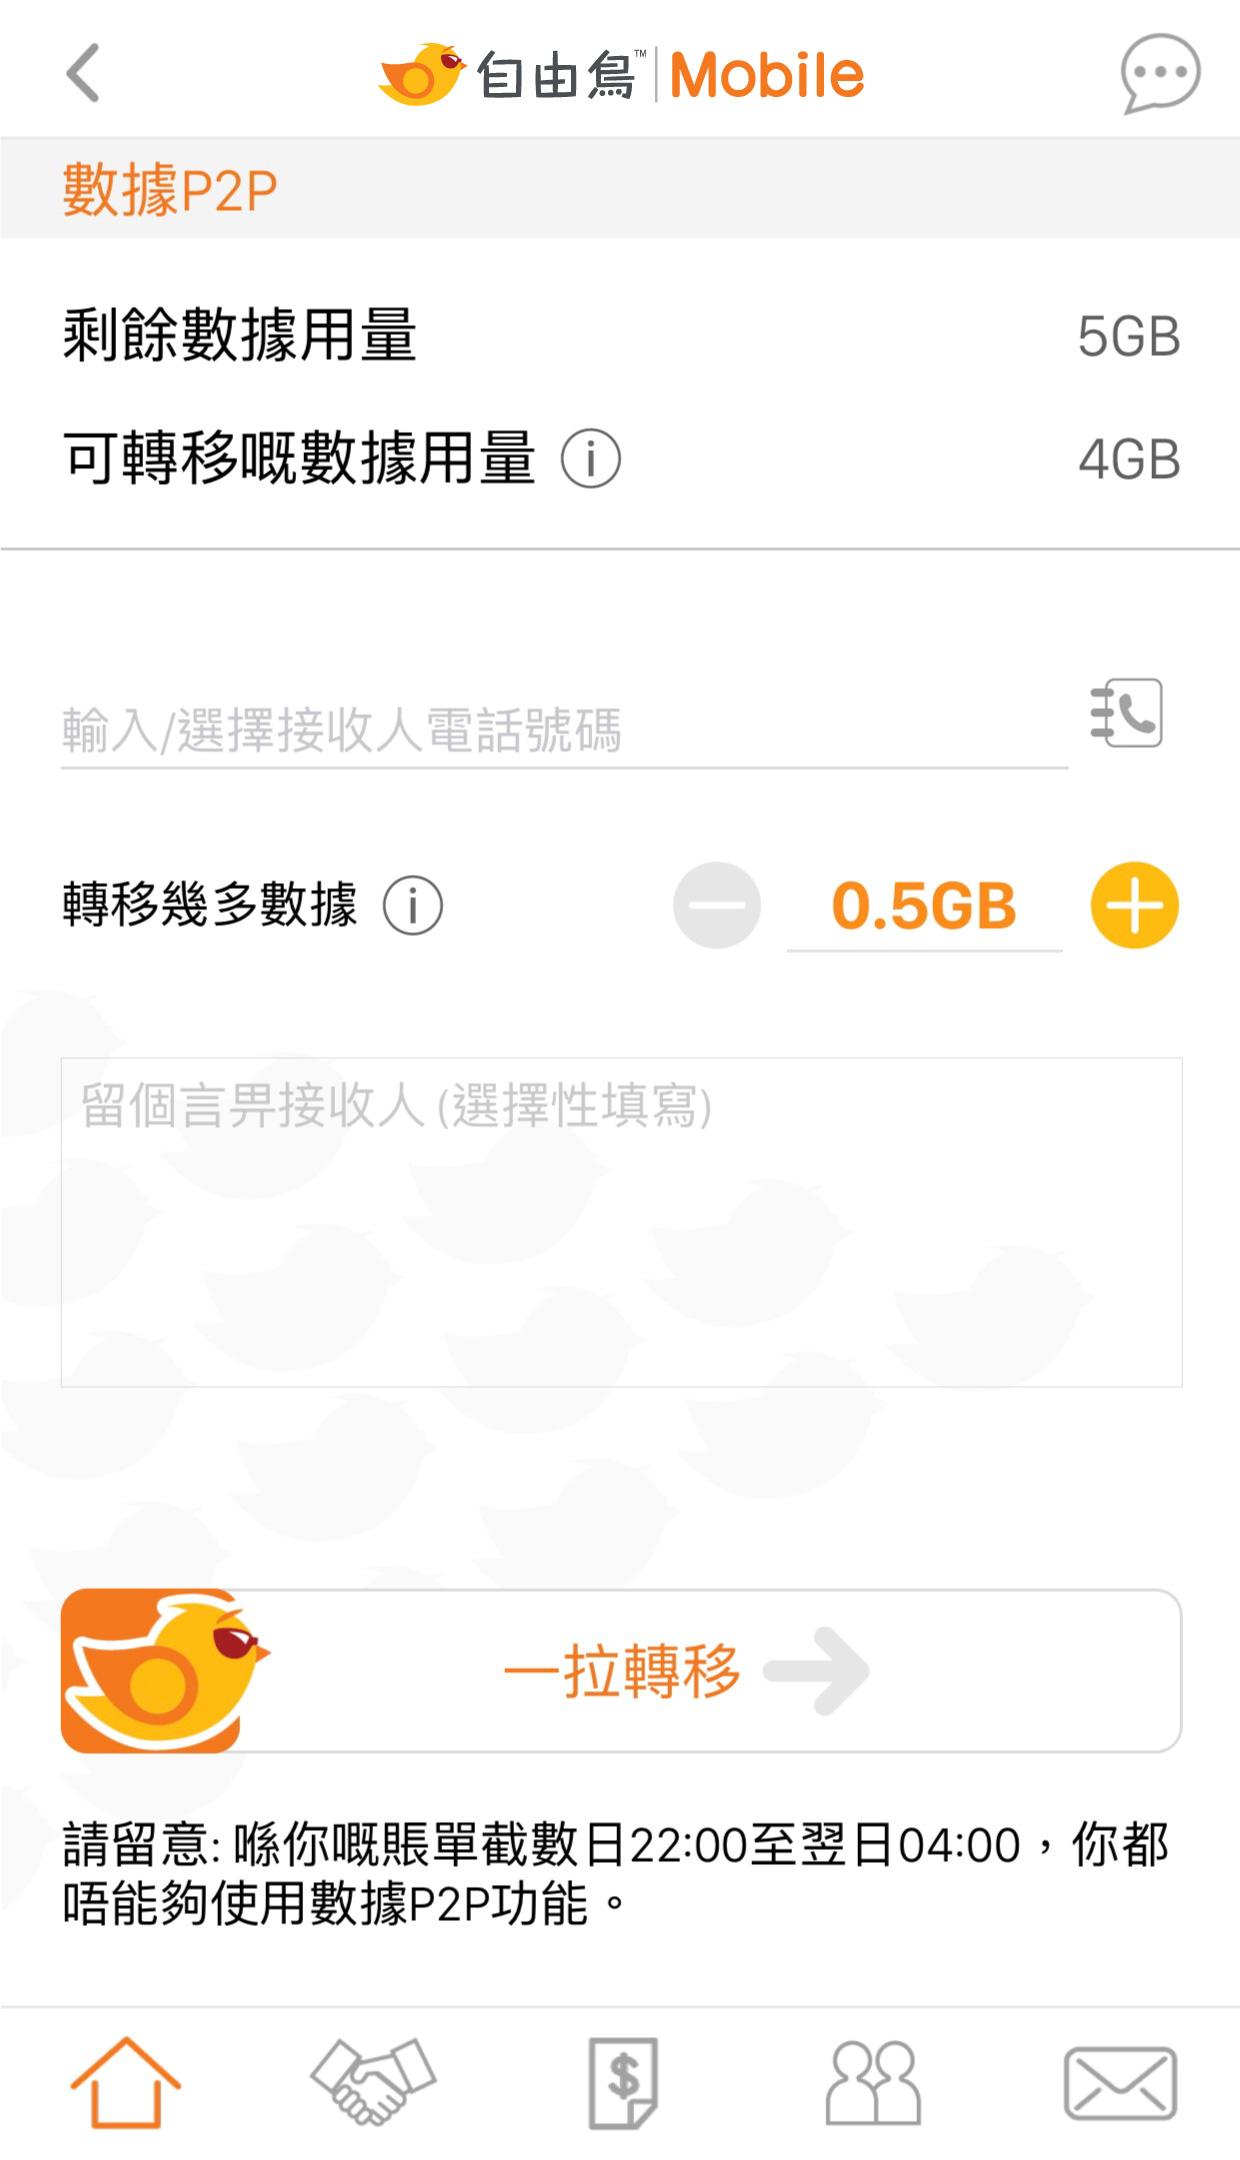 Birdie Mobile App